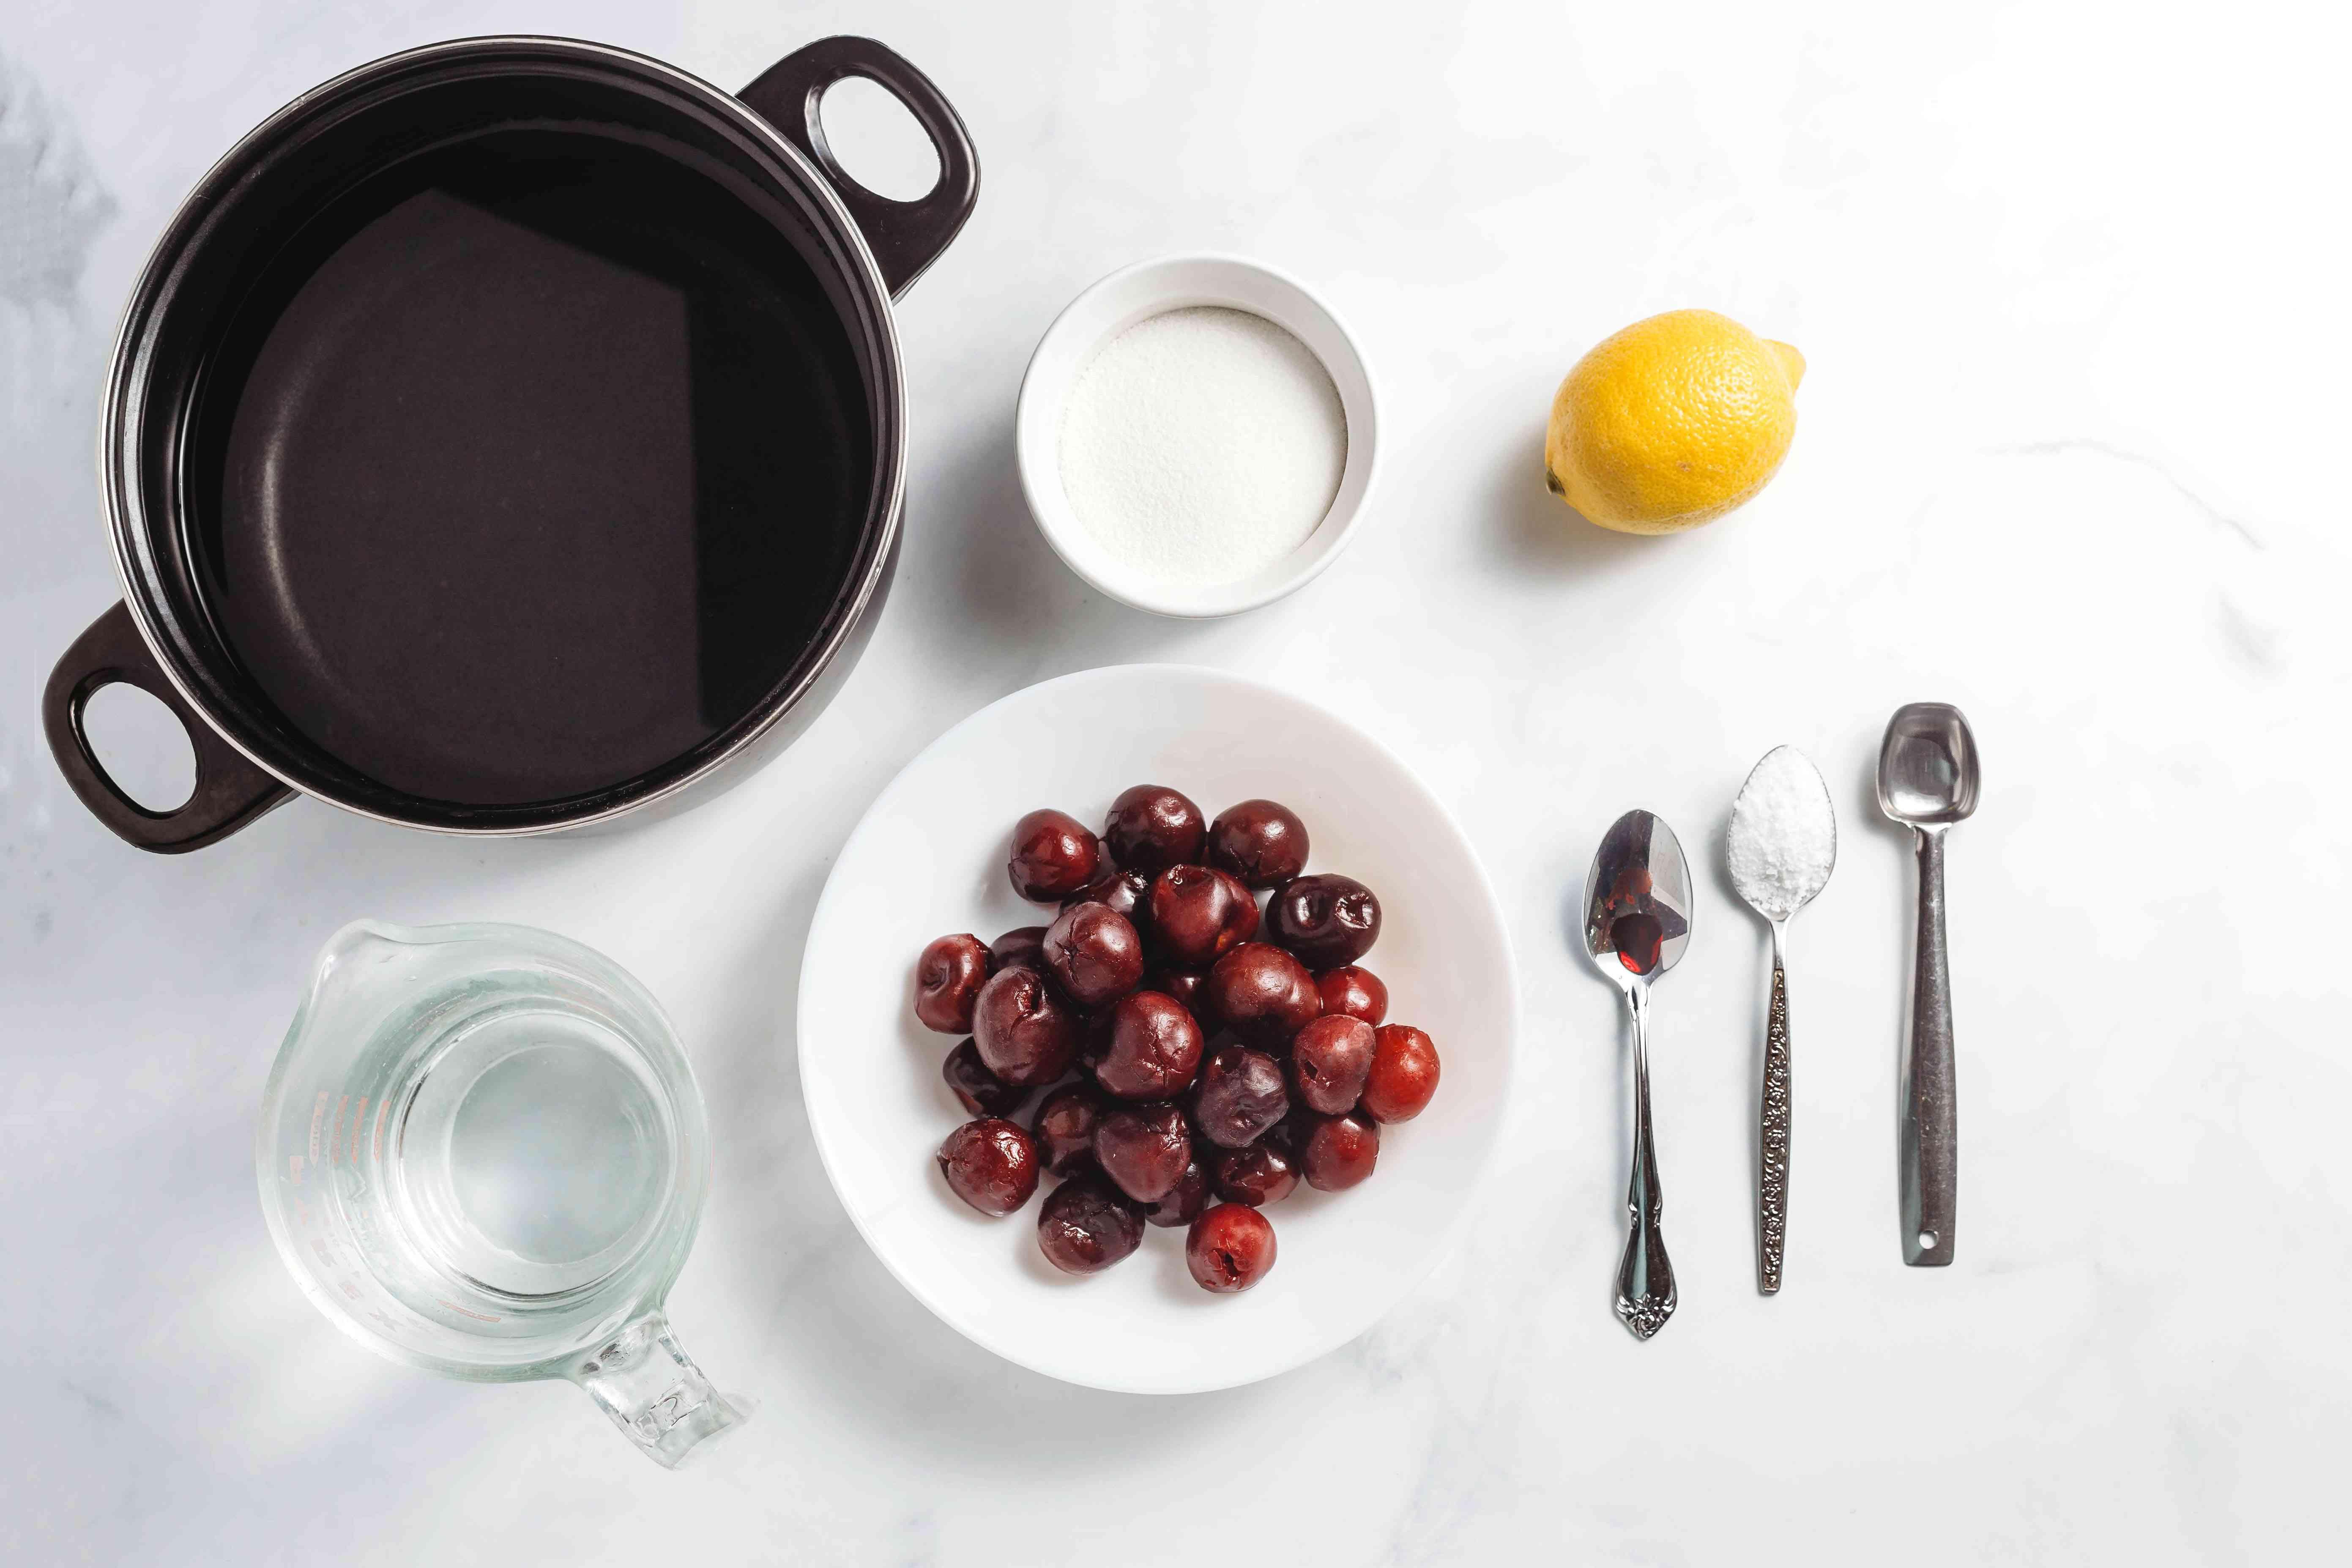 Ingredients for making homemade maraschino cherries